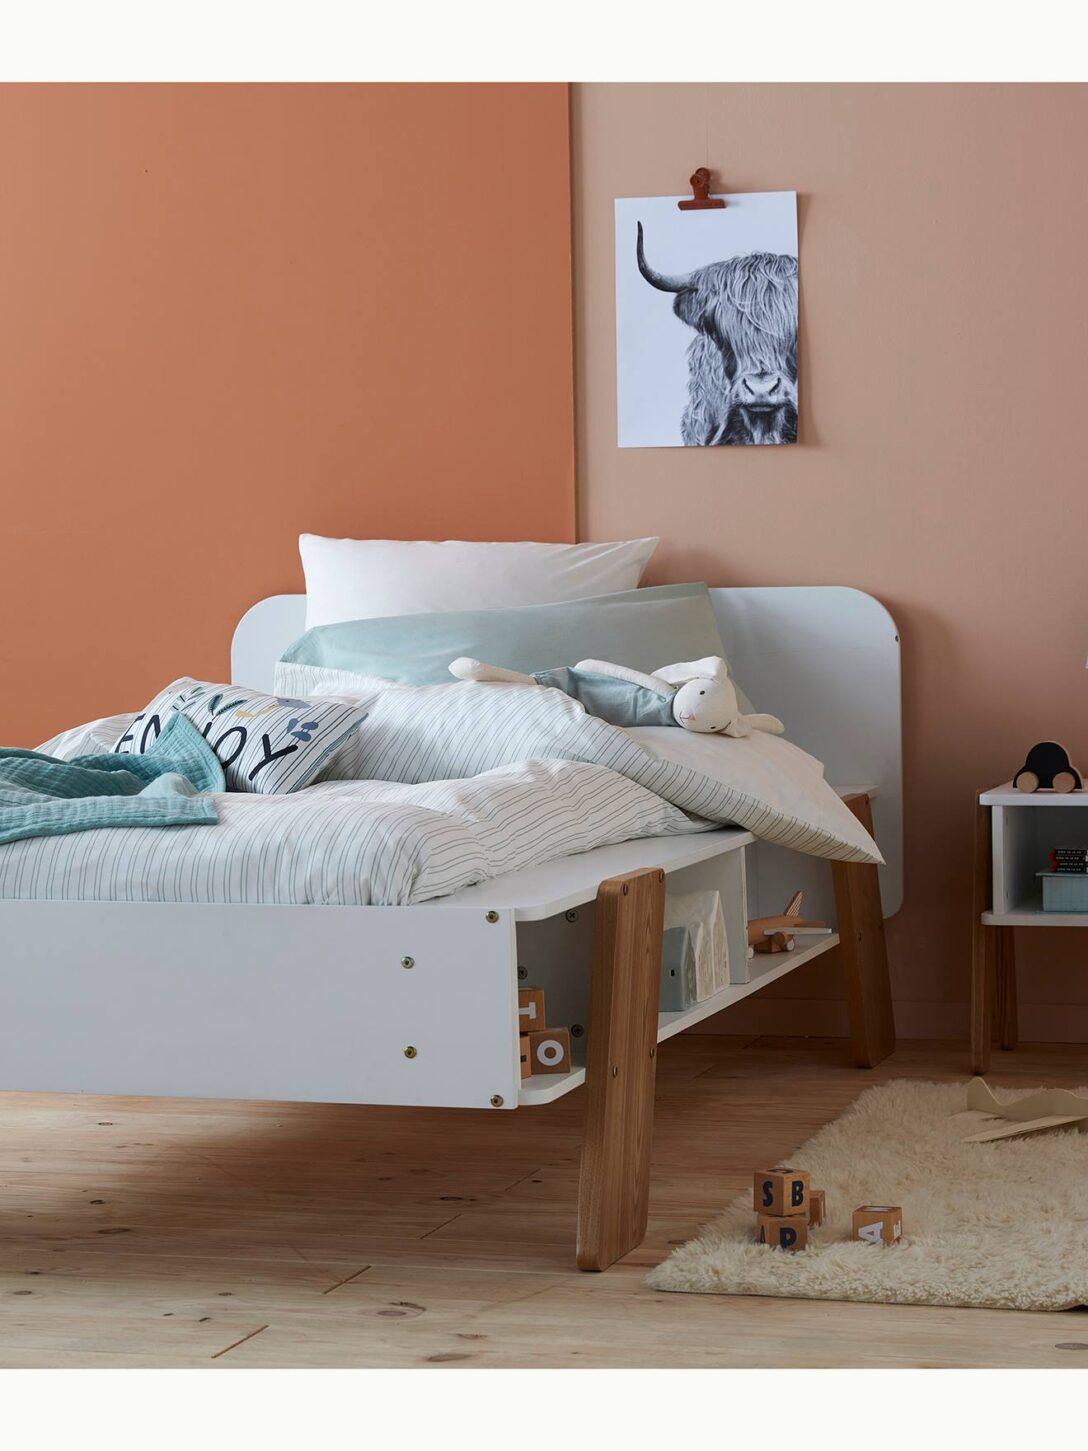 Large Size of Vertbaudet Kinderbett Architekt In Wei Natur Coole Betten T Shirt Sprüche T Shirt Wohnzimmer Coole Kinderbetten